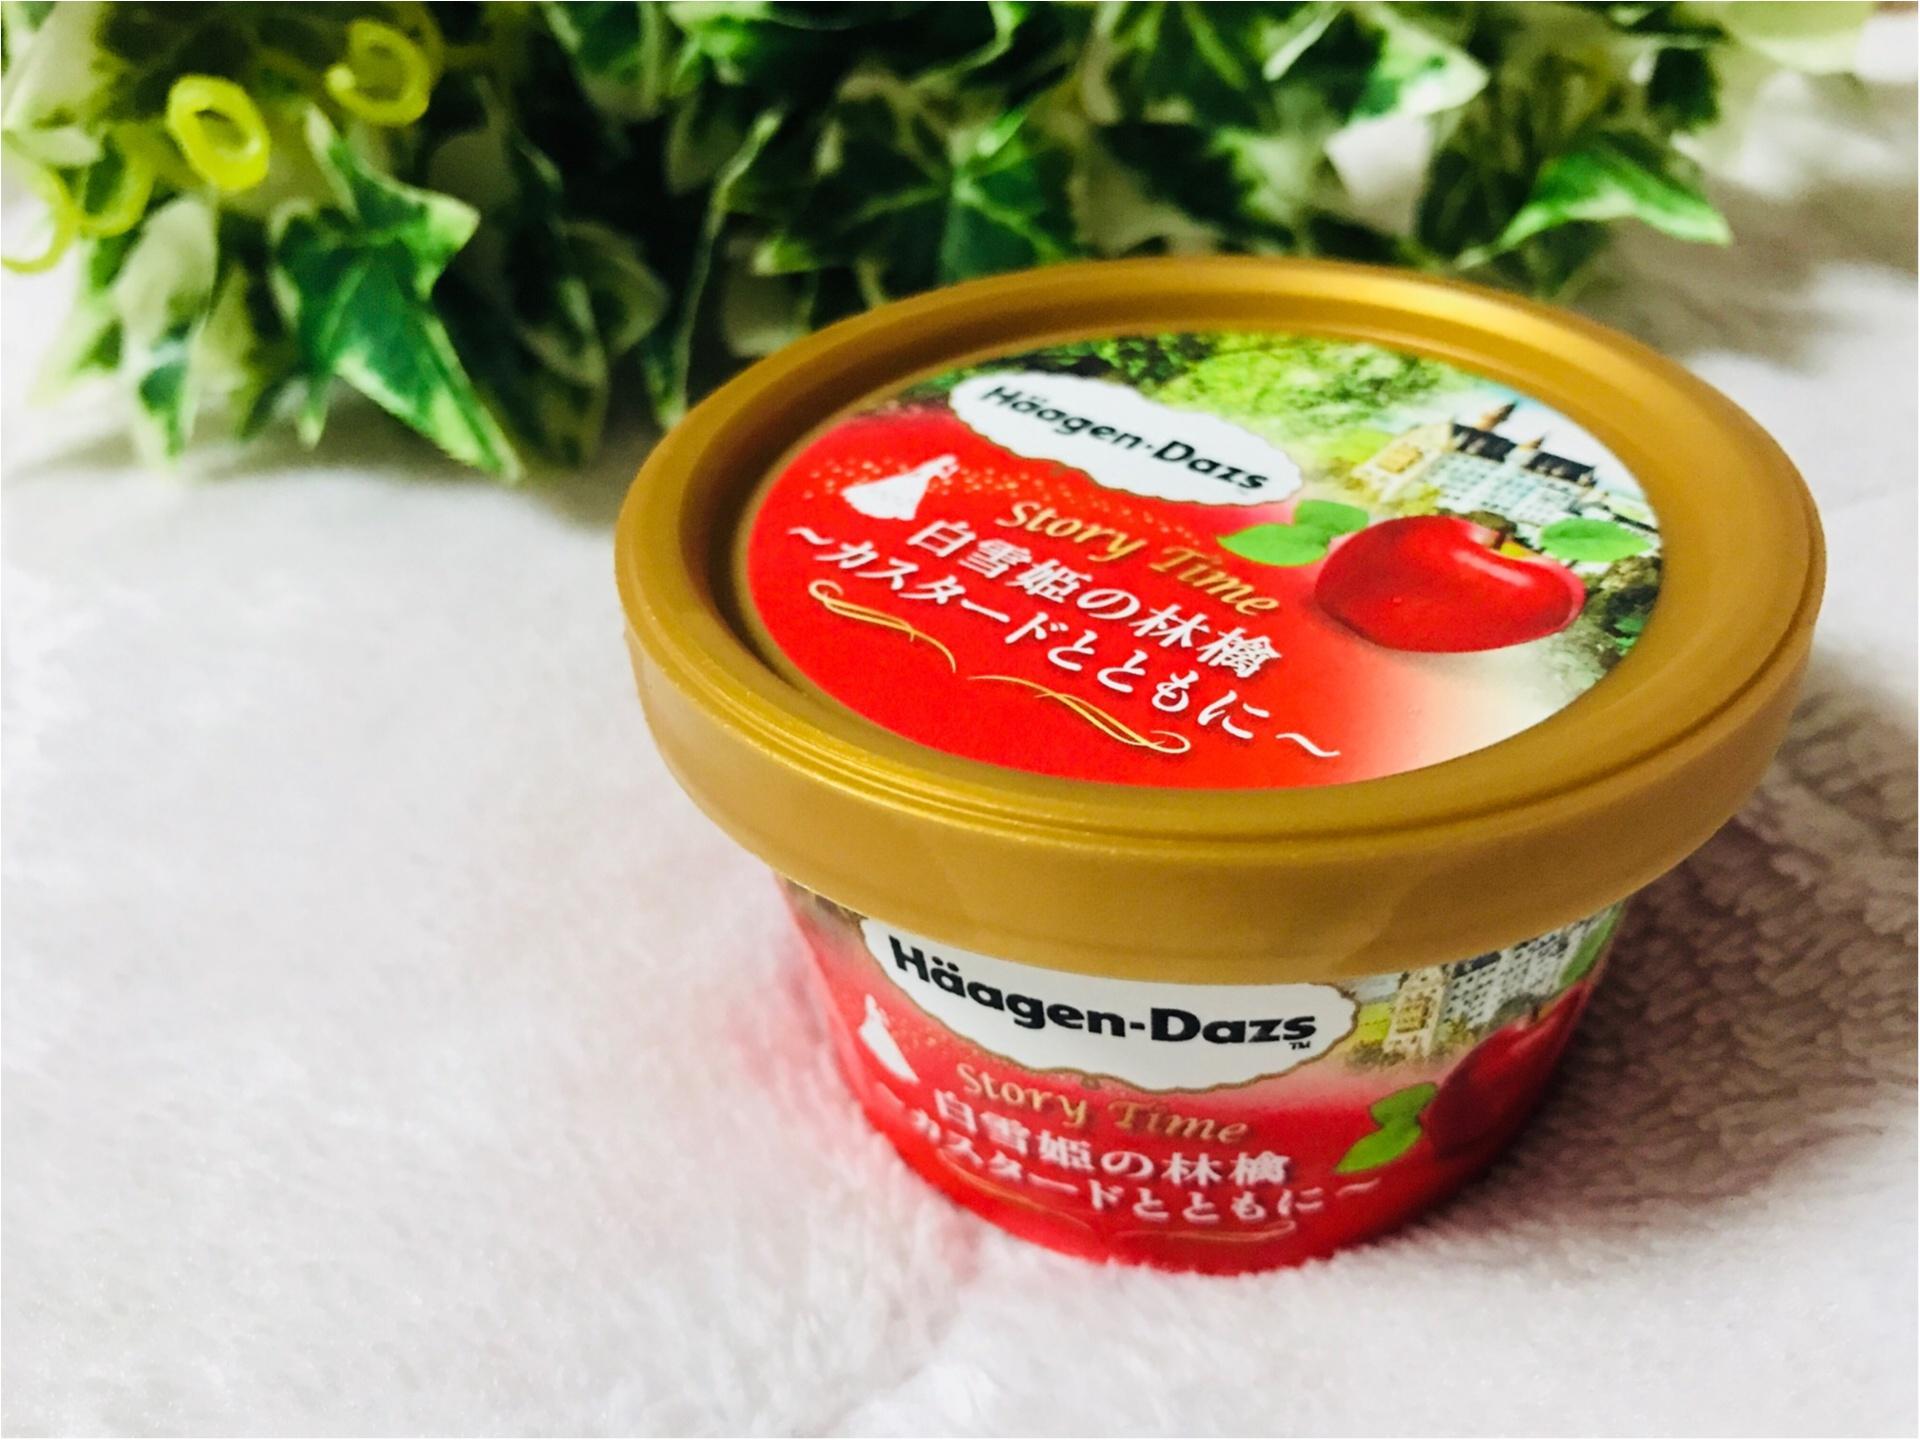 【ハーゲンダッツ】なにコレ可愛い!《童話》モチーフのアイス♡開けてびっくり!?_2